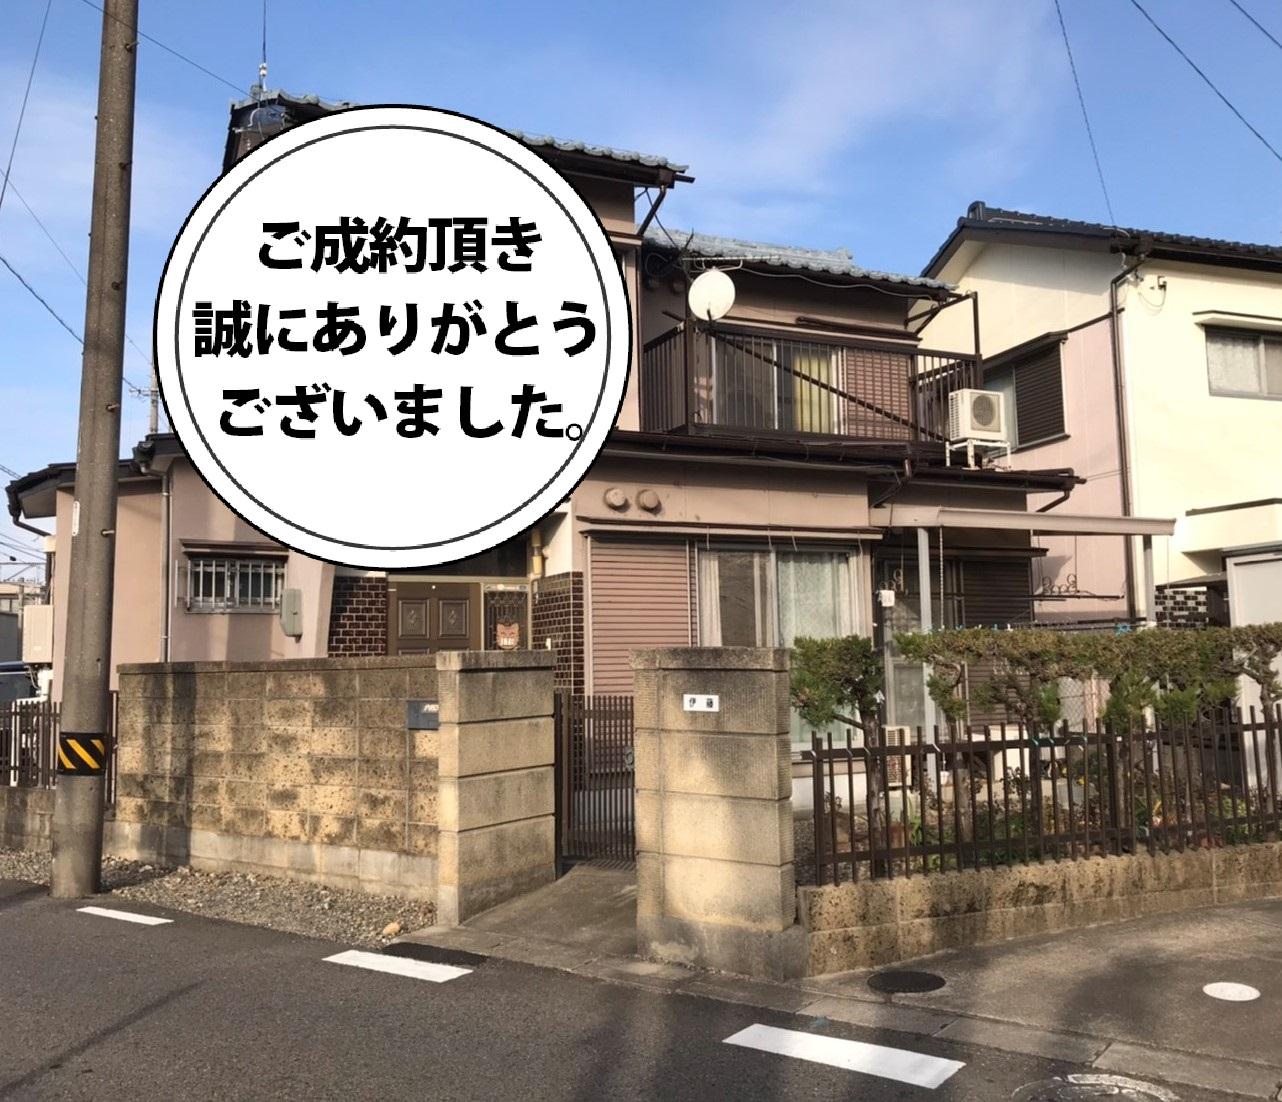 ■売戸建住宅 下屋敷町